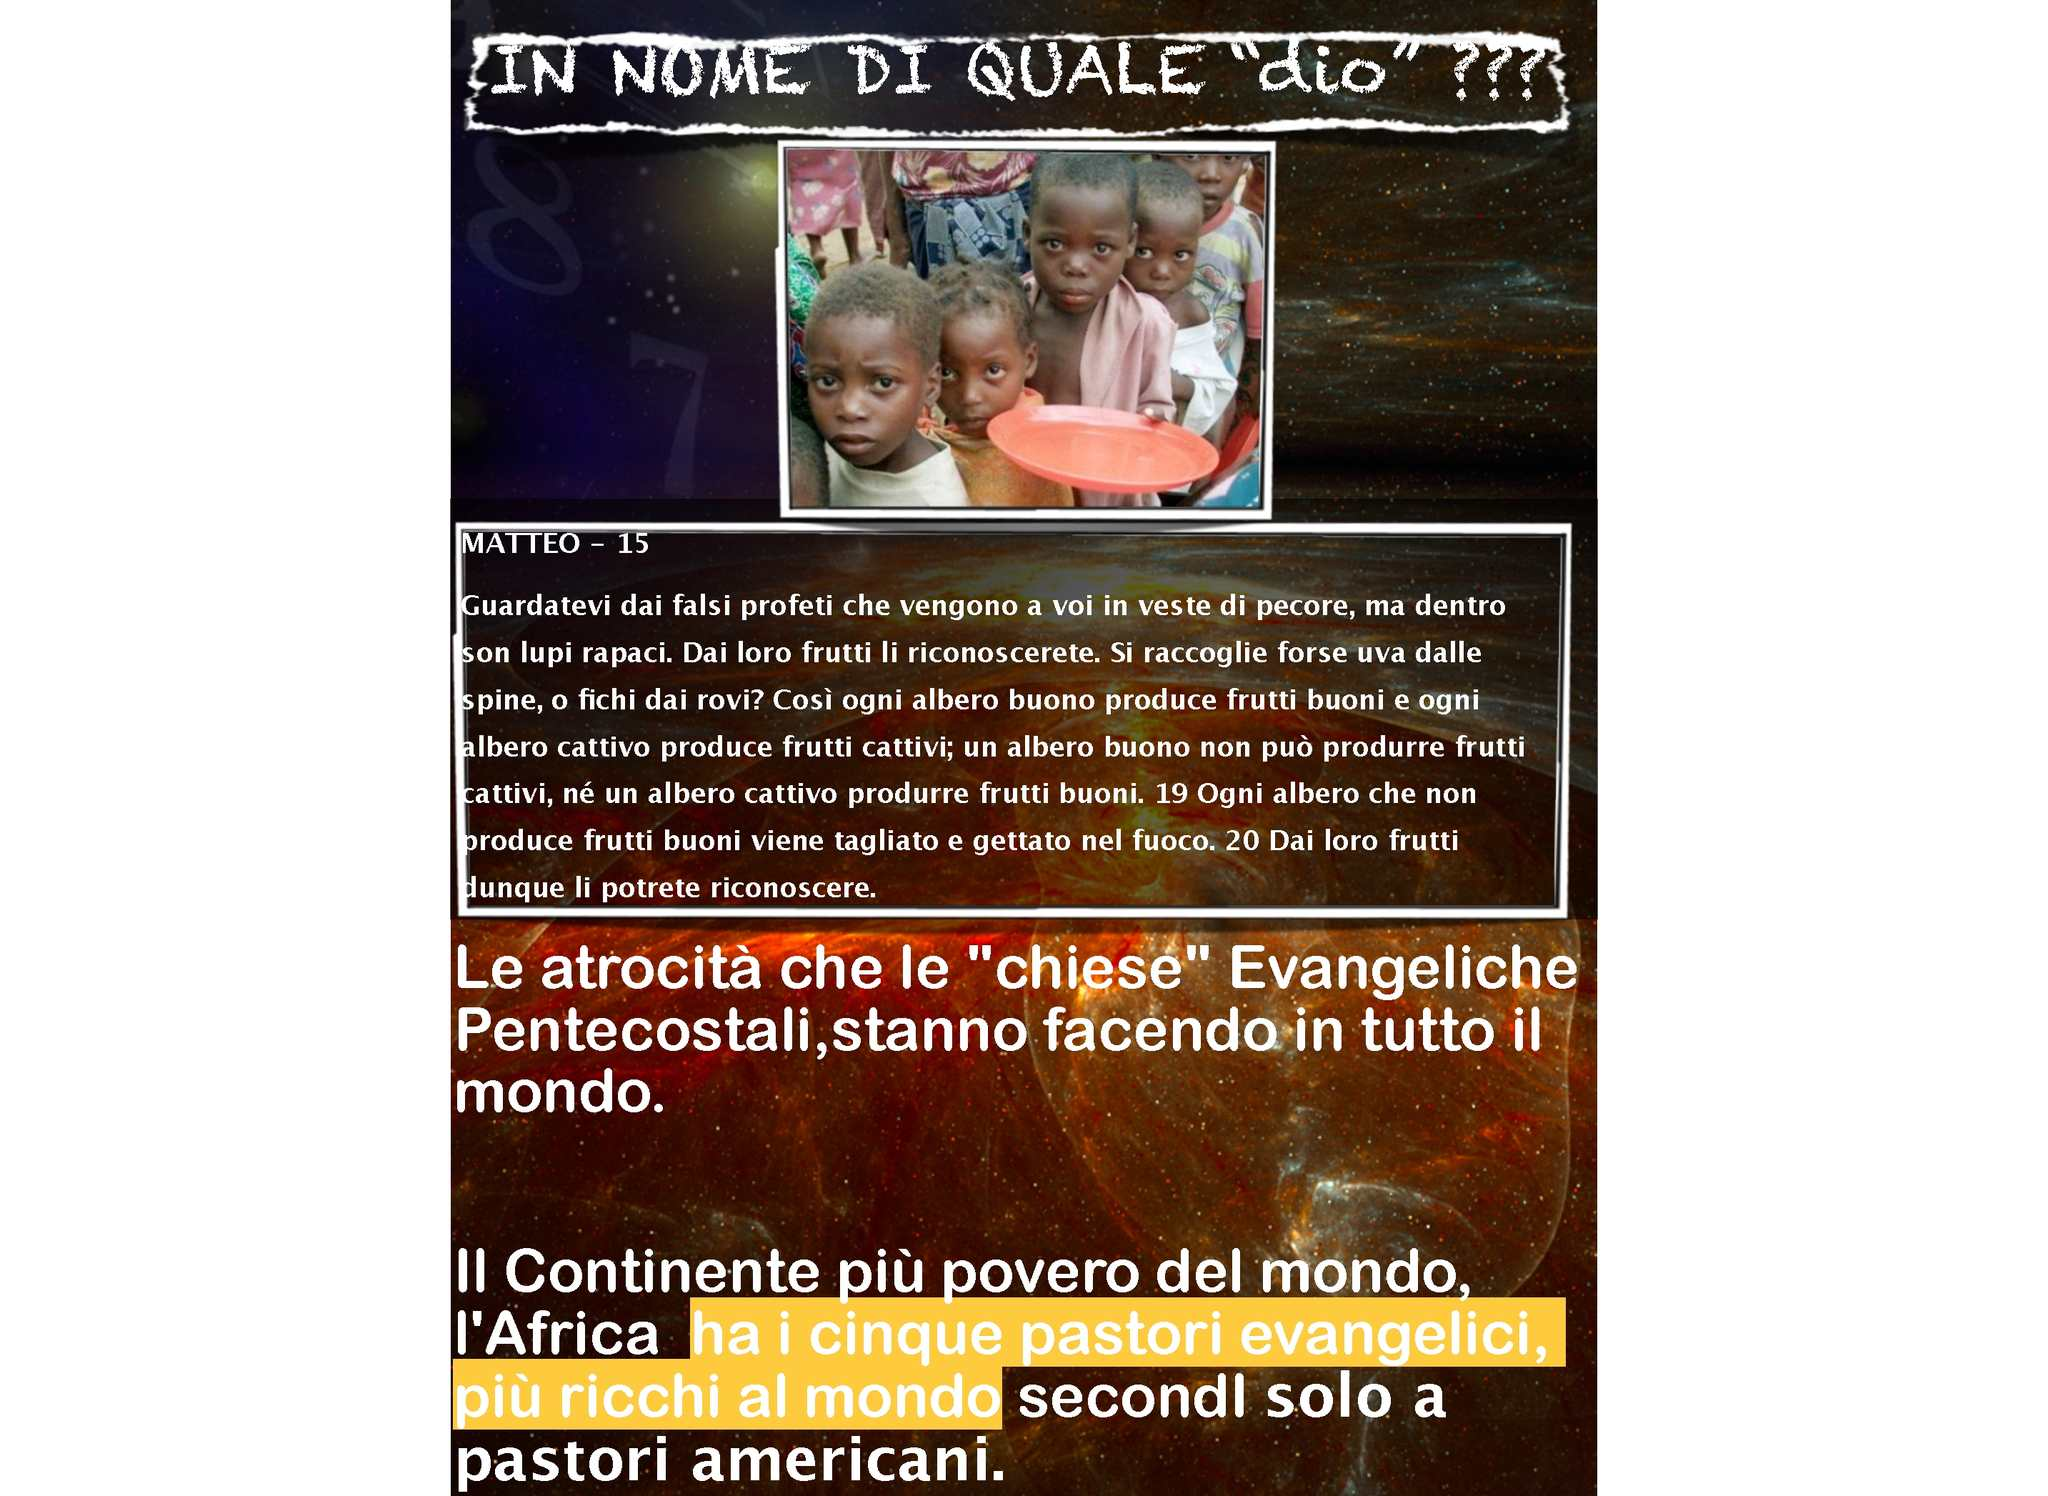 """I BAMBINI """"IMMOLATI"""" PER L'ARRICCHIMENTO DI SETTE ERETICHE  E DEI LORO """"pastori""""..."""